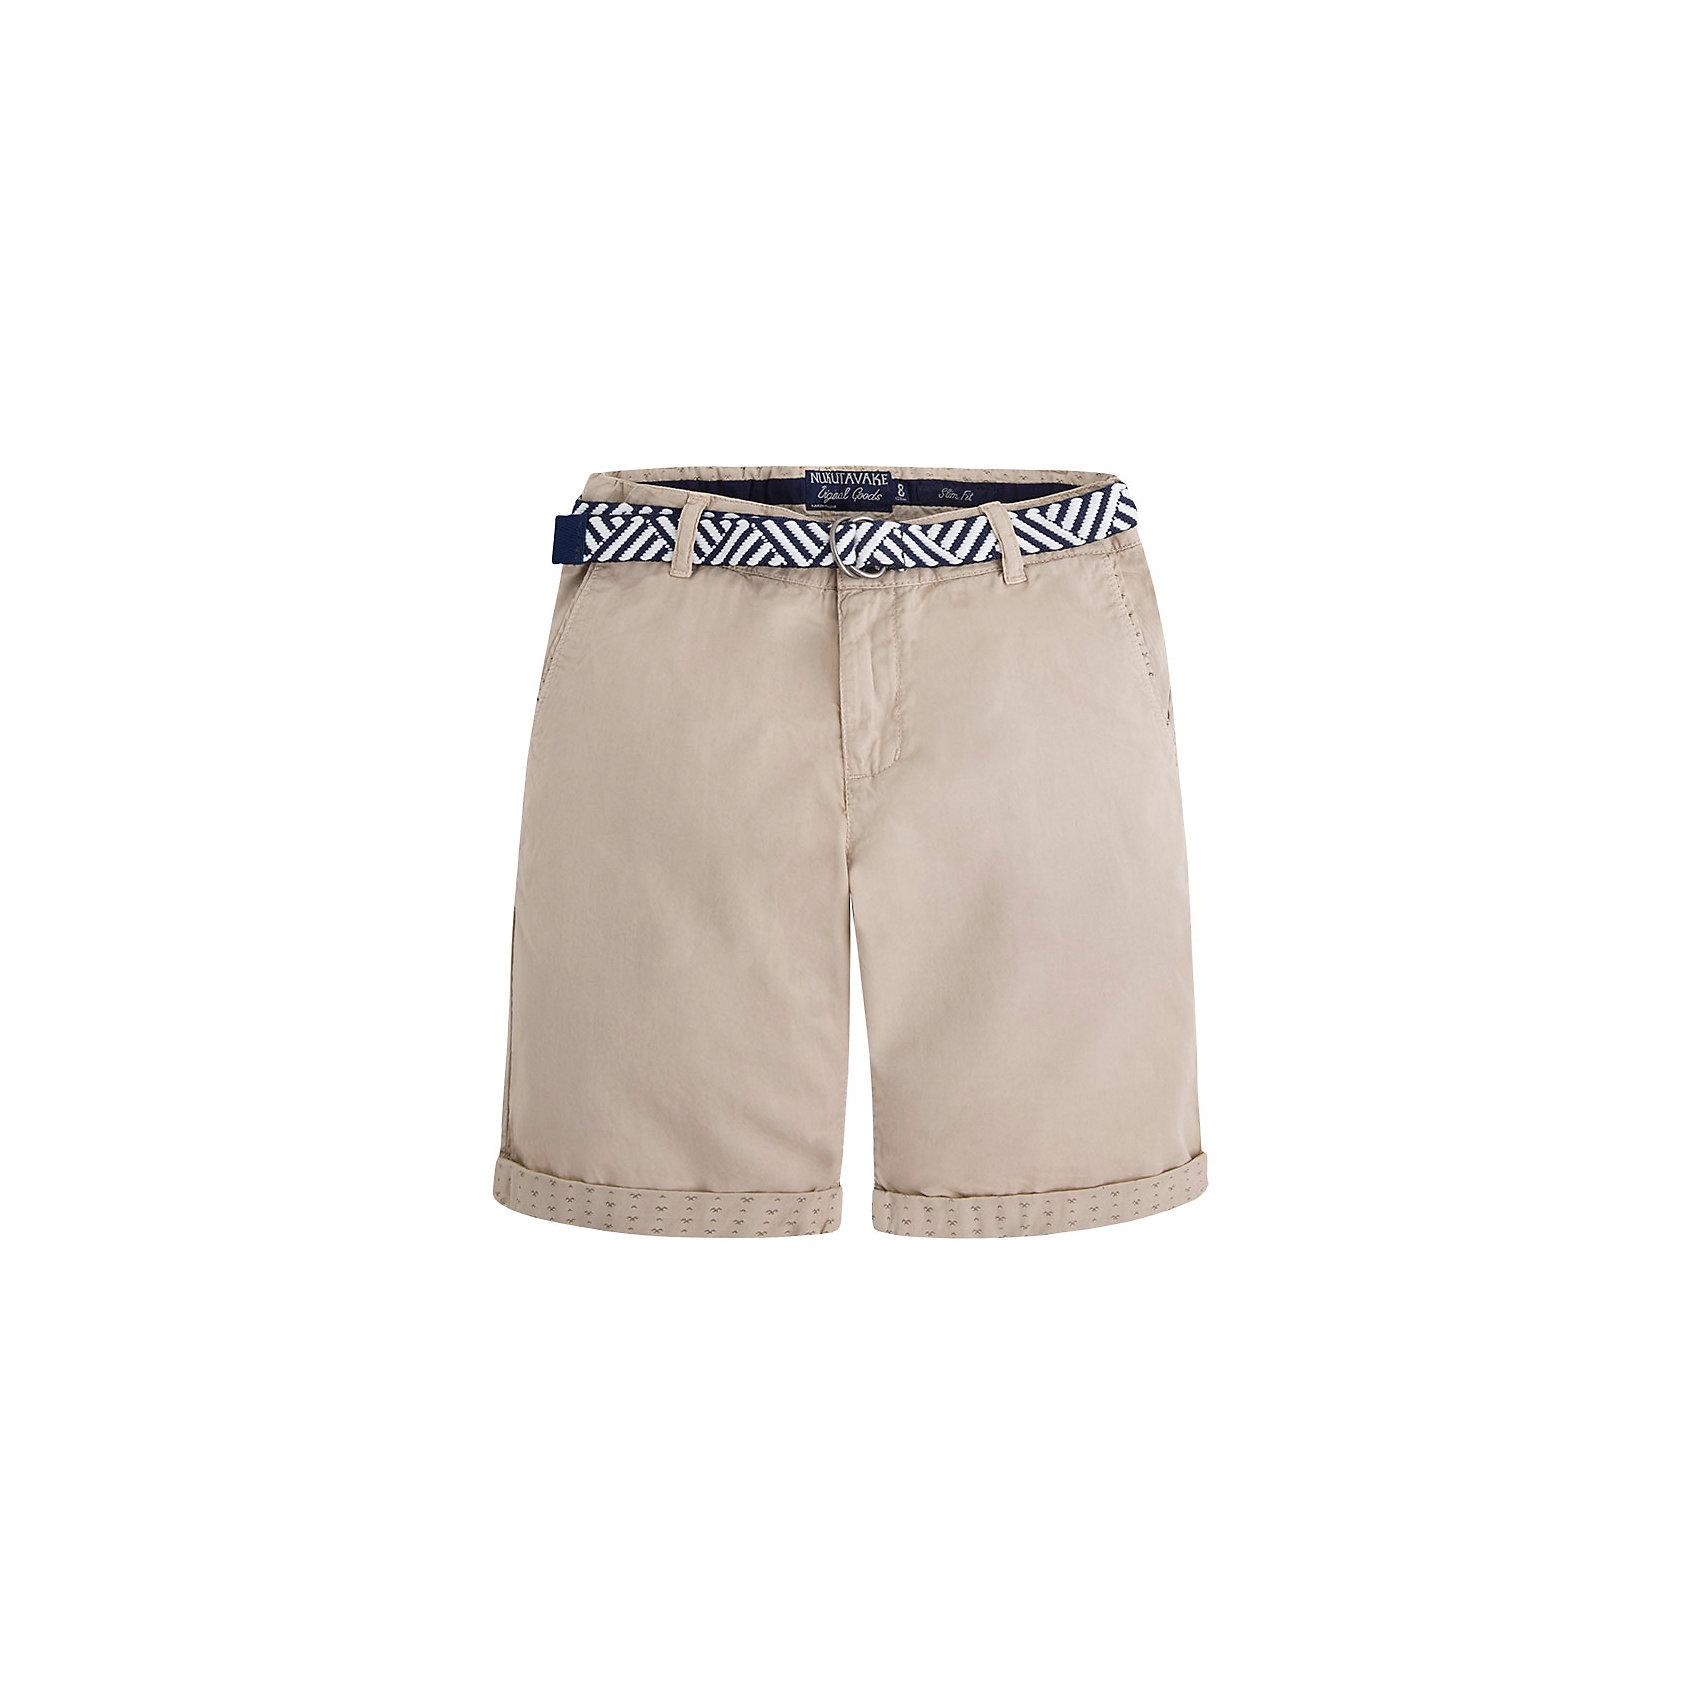 Шорты  для мальчика MayoralШорты, бриджи, капри<br>Шорты  для мальчика от известной испанской марки Mayoral - прекрасный вариант для летнего гардероба юного модника. <br><br>Дополнительная информация:<br><br>- Текстильный пояс в комплекте.<br>- Прямой крой брючин.<br>- Тип застежки: молния, кнопка. <br>- 4 кармана (2 задних, 2 боковых).<br>- Задние карманы декорированы текстильными вставками. <br>- Стильные отвороты.<br>- Регулировка на талии с помощью внутренней резинки.  <br>- Состав: 100 % хлопок.<br><br>Шорты  для мальчика Mayoral (Майорал) можно купить в нашем магазине.<br><br>Ширина мм: 191<br>Глубина мм: 10<br>Высота мм: 175<br>Вес г: 273<br>Цвет: бежевый<br>Возраст от месяцев: 84<br>Возраст до месяцев: 96<br>Пол: Мужской<br>Возраст: Детский<br>Размер: 128,164,158,140,152<br>SKU: 4538372